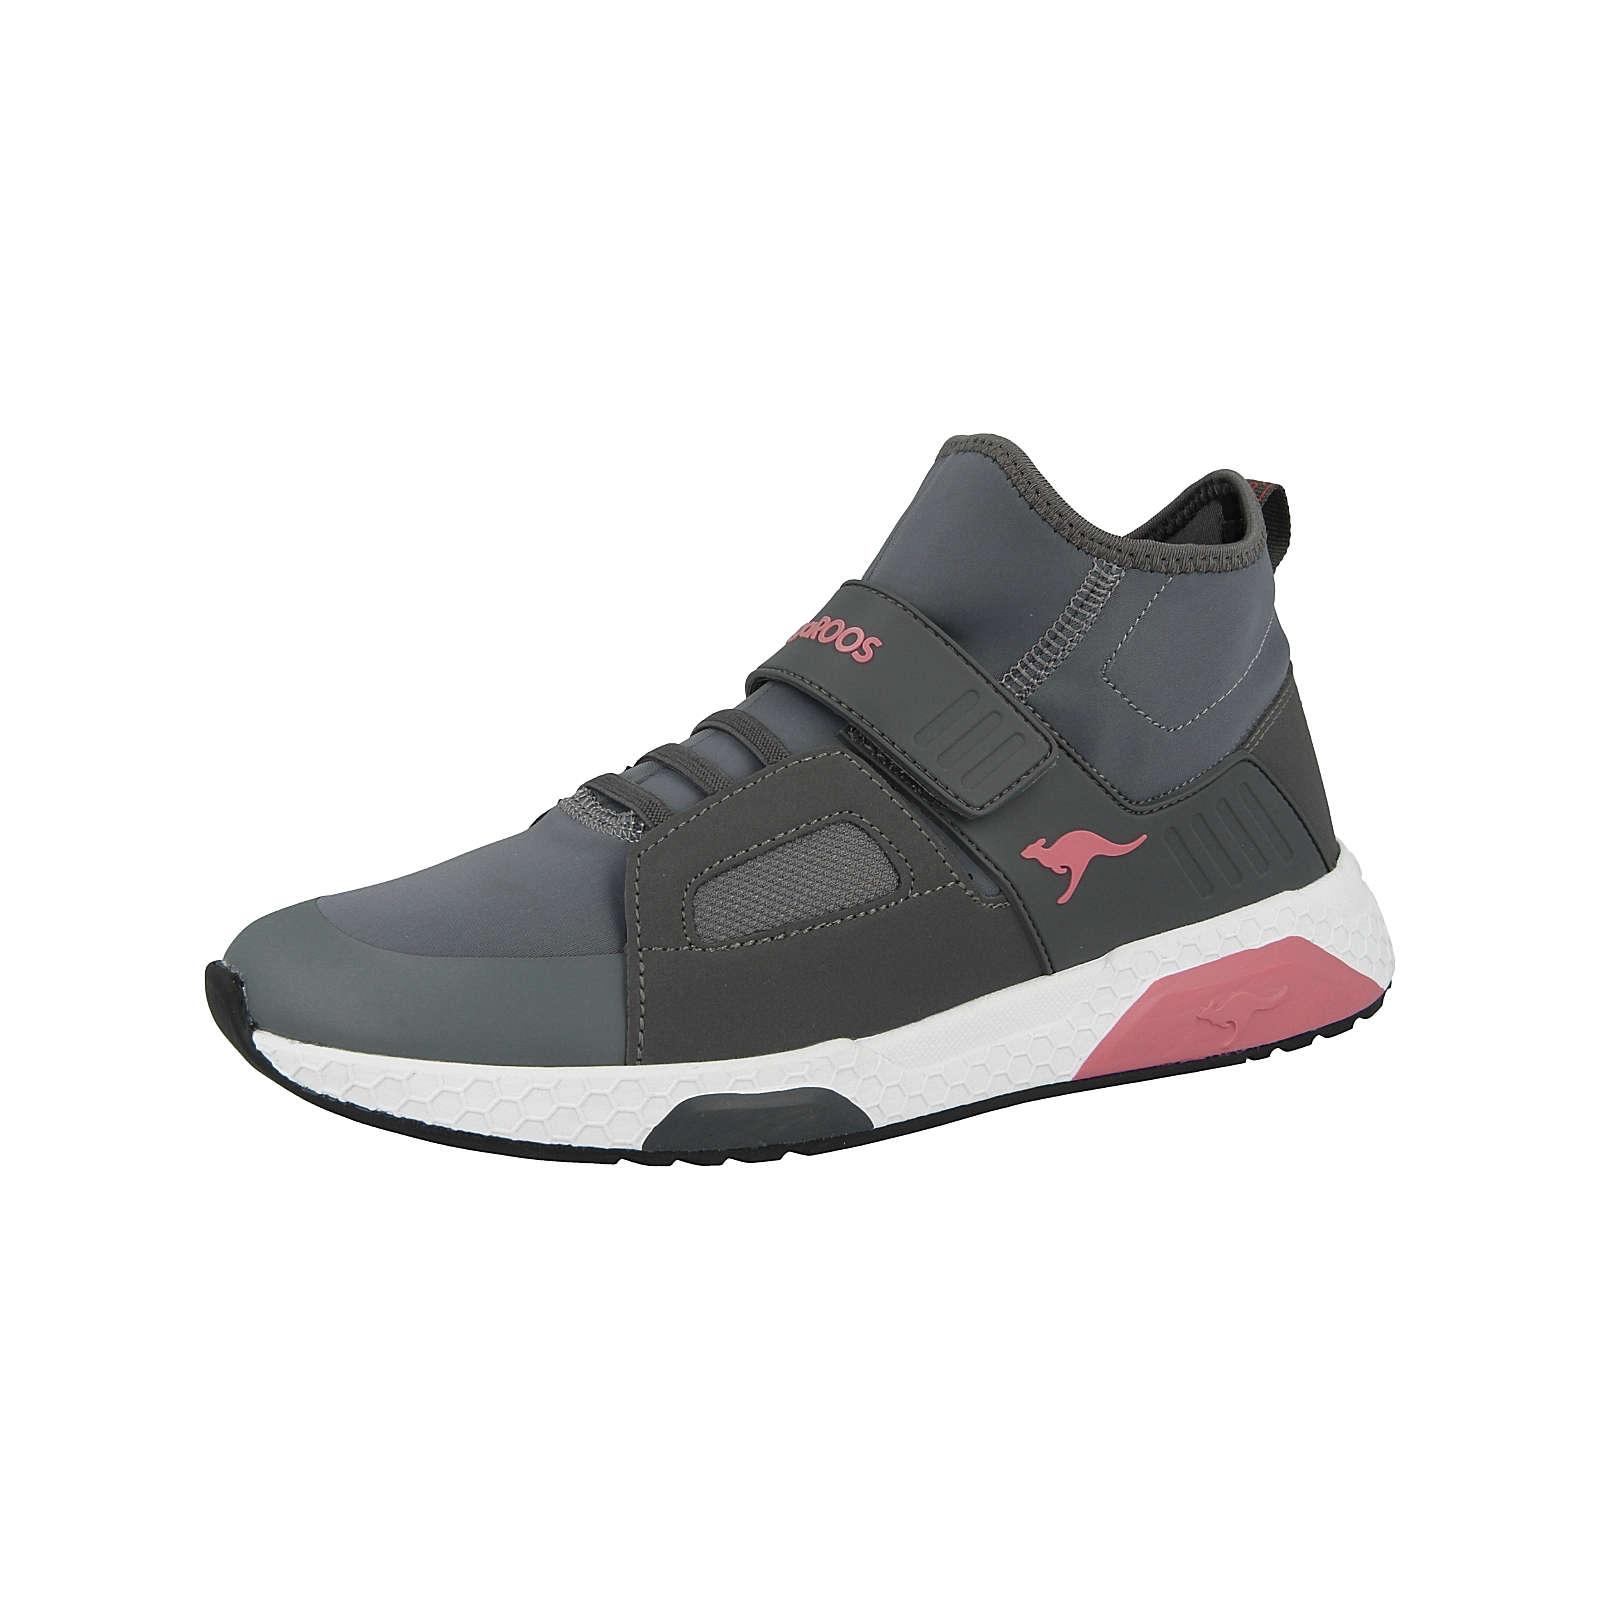 KangaROOS Kinder Sneakers Low Kadee Mid EV grau Gr. 35